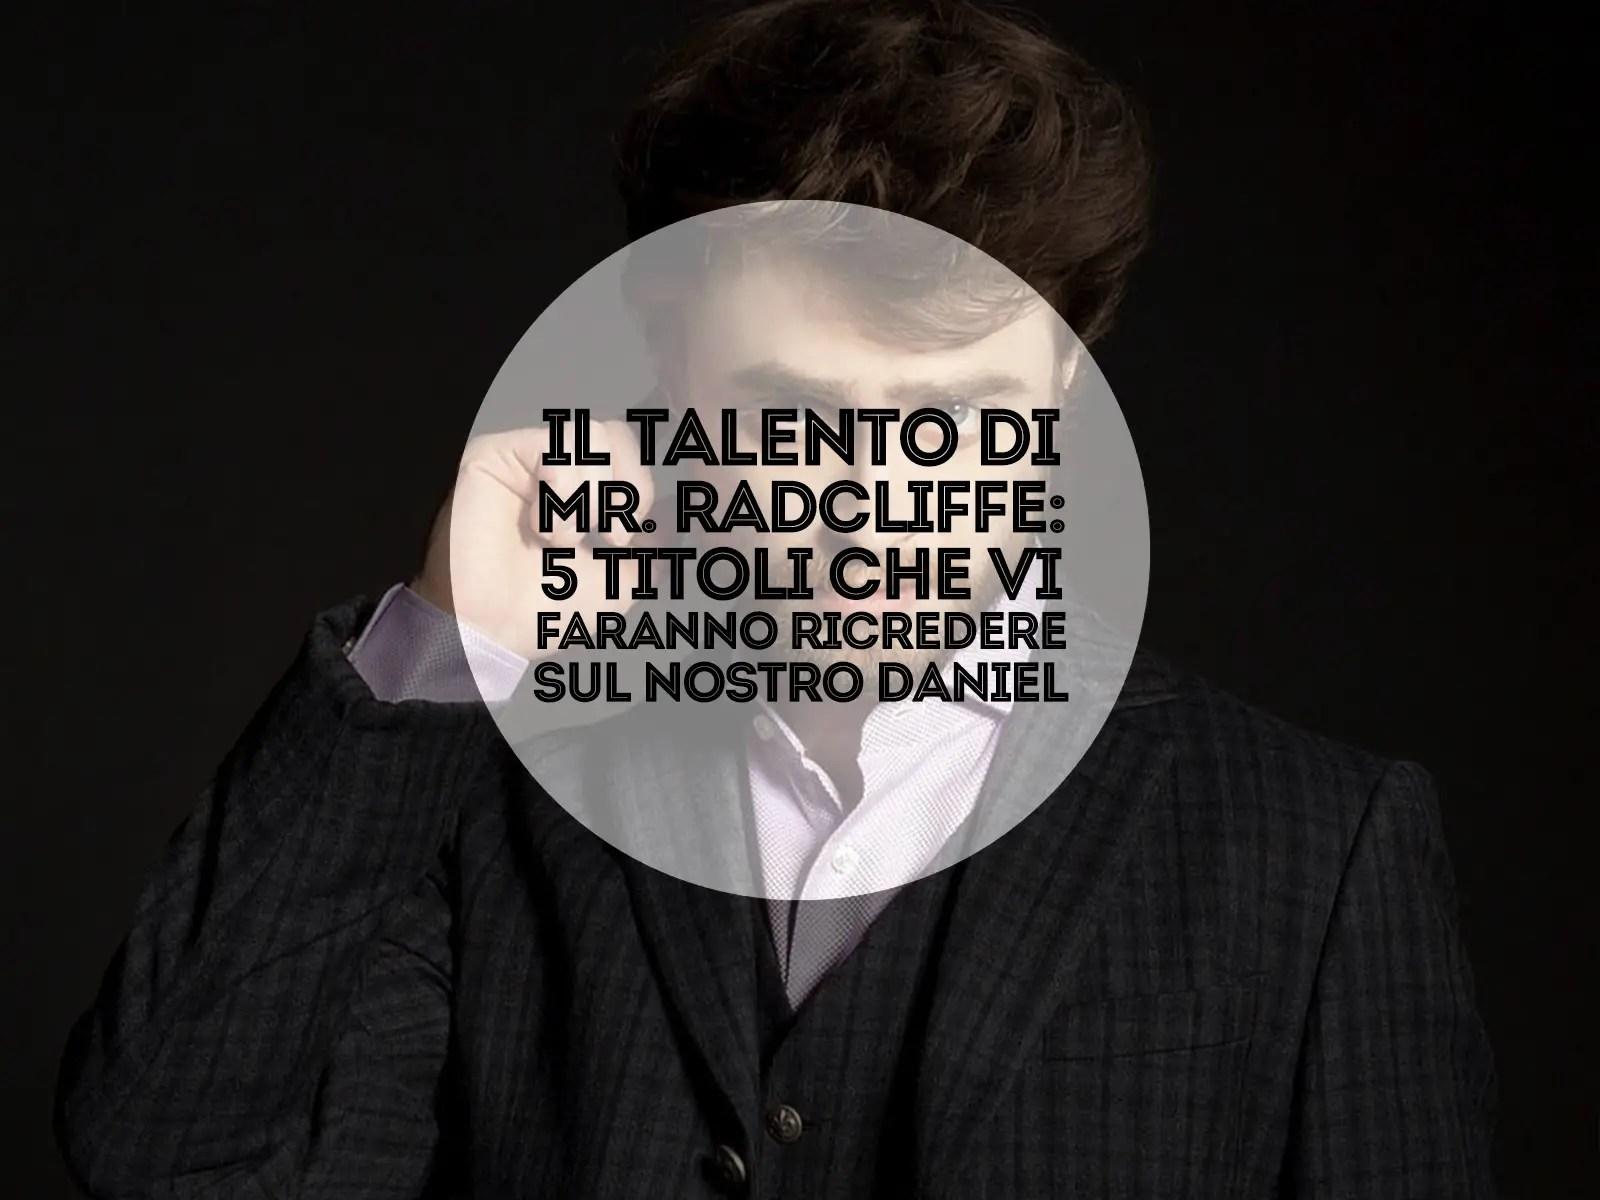 Il talento di Mr Radcliffe